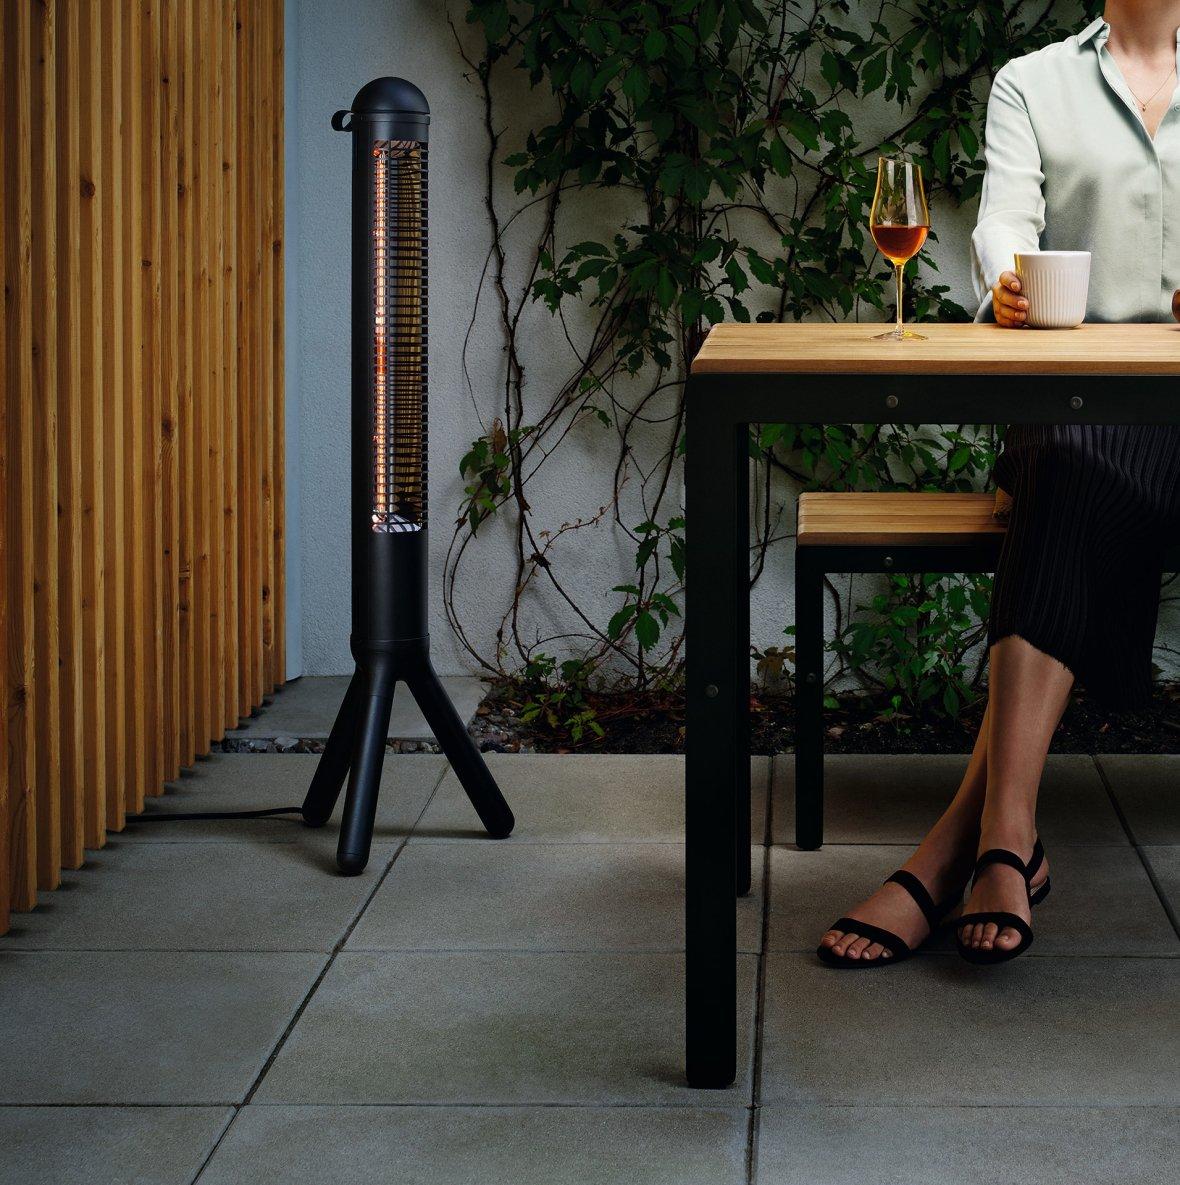 Eva Solo Electrical terrace heater - HeatUp Patio Heater